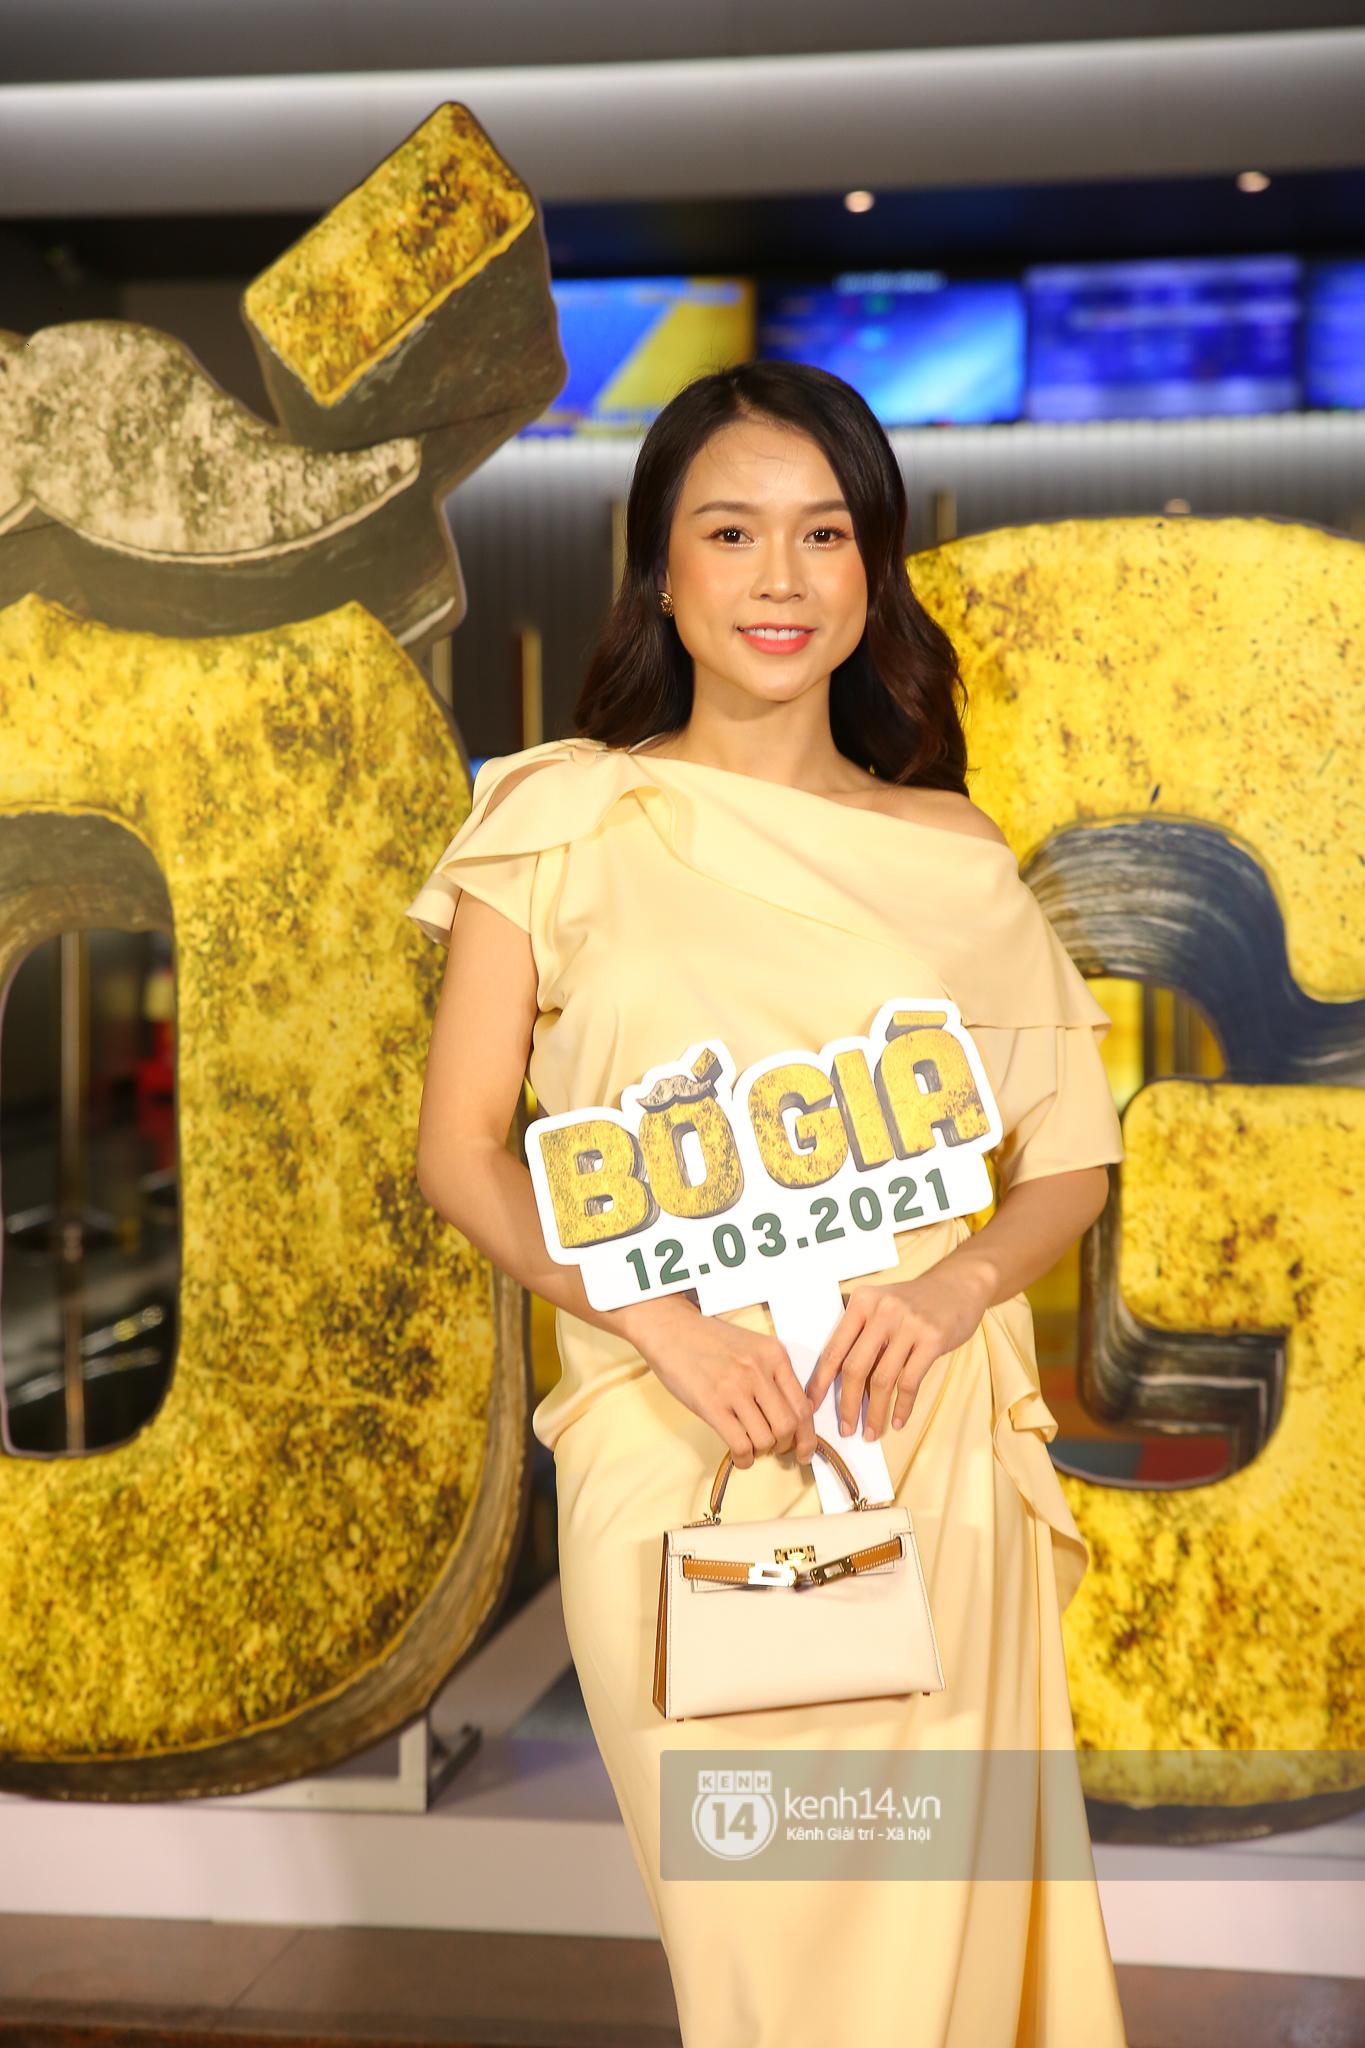 Cặp đôi nhà Đông Nhi, Lệ Quyên thi nhau show ân ái không kém cạnh Trấn Thành - Hariwon ở siêu thảm đỏ Bố Già - Ảnh 17.